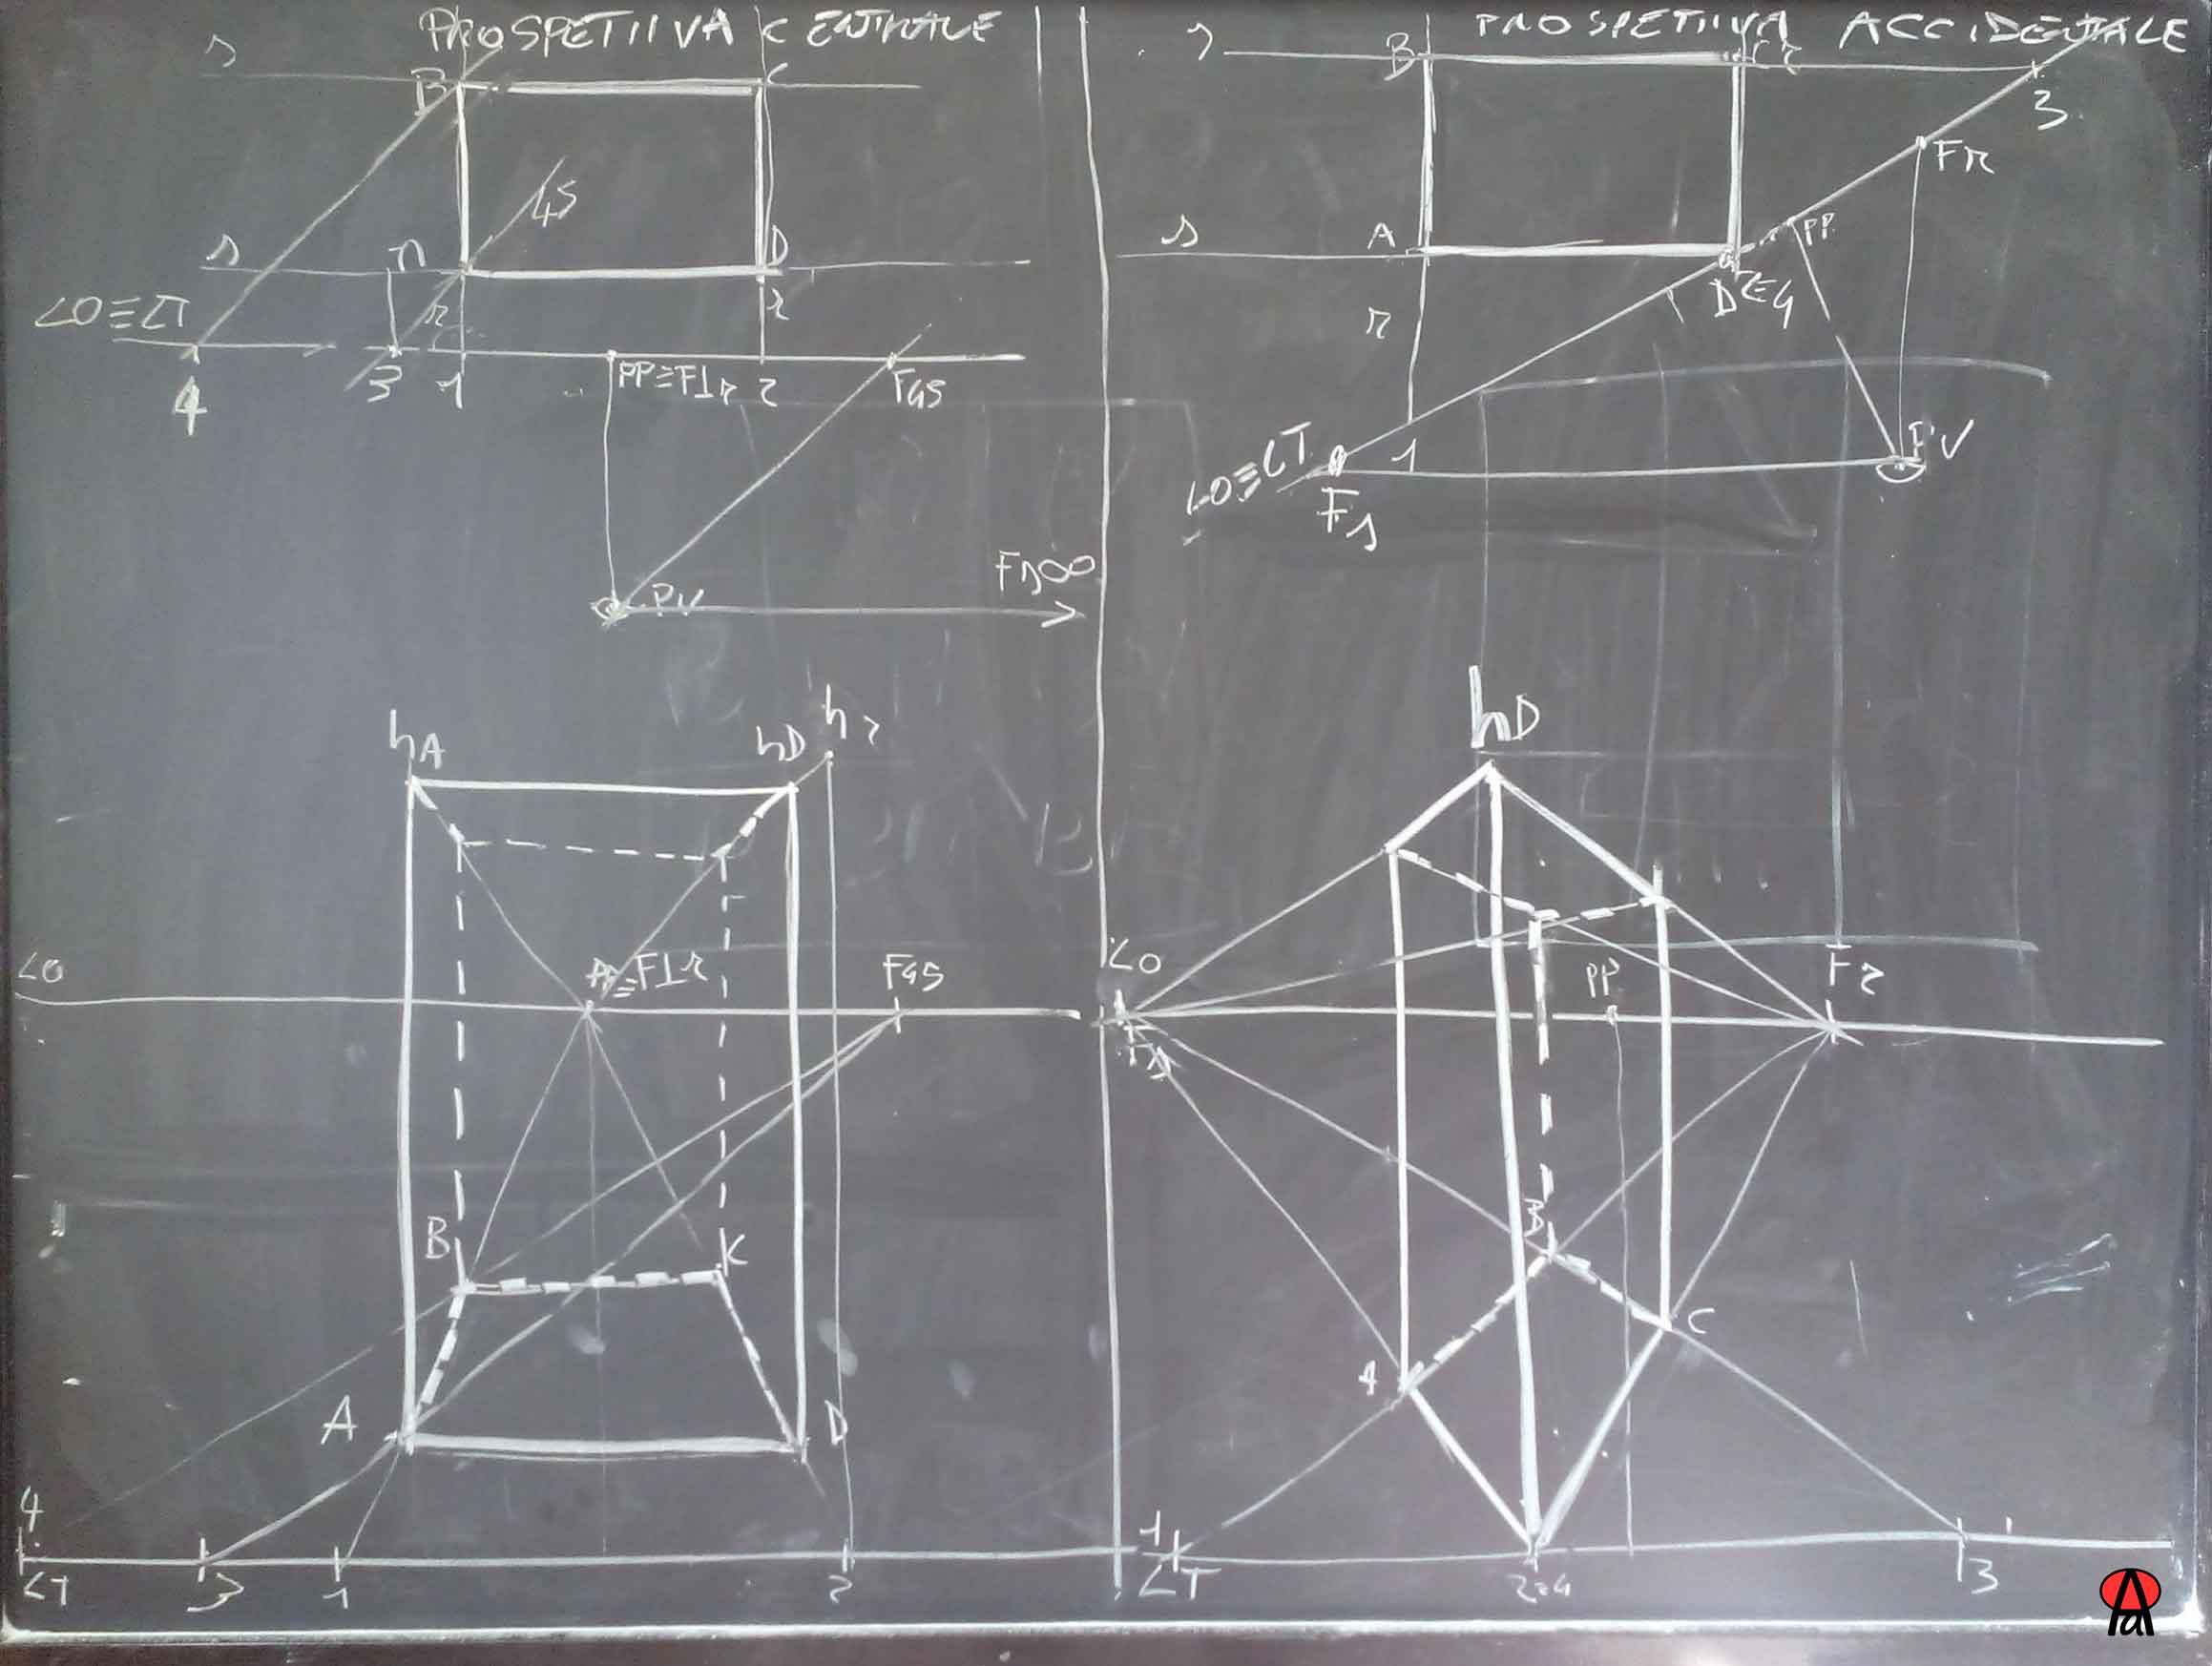 Prospettiva Centrale E Accidentale disegno di confronto tra prospettiva centrale e prospettiva